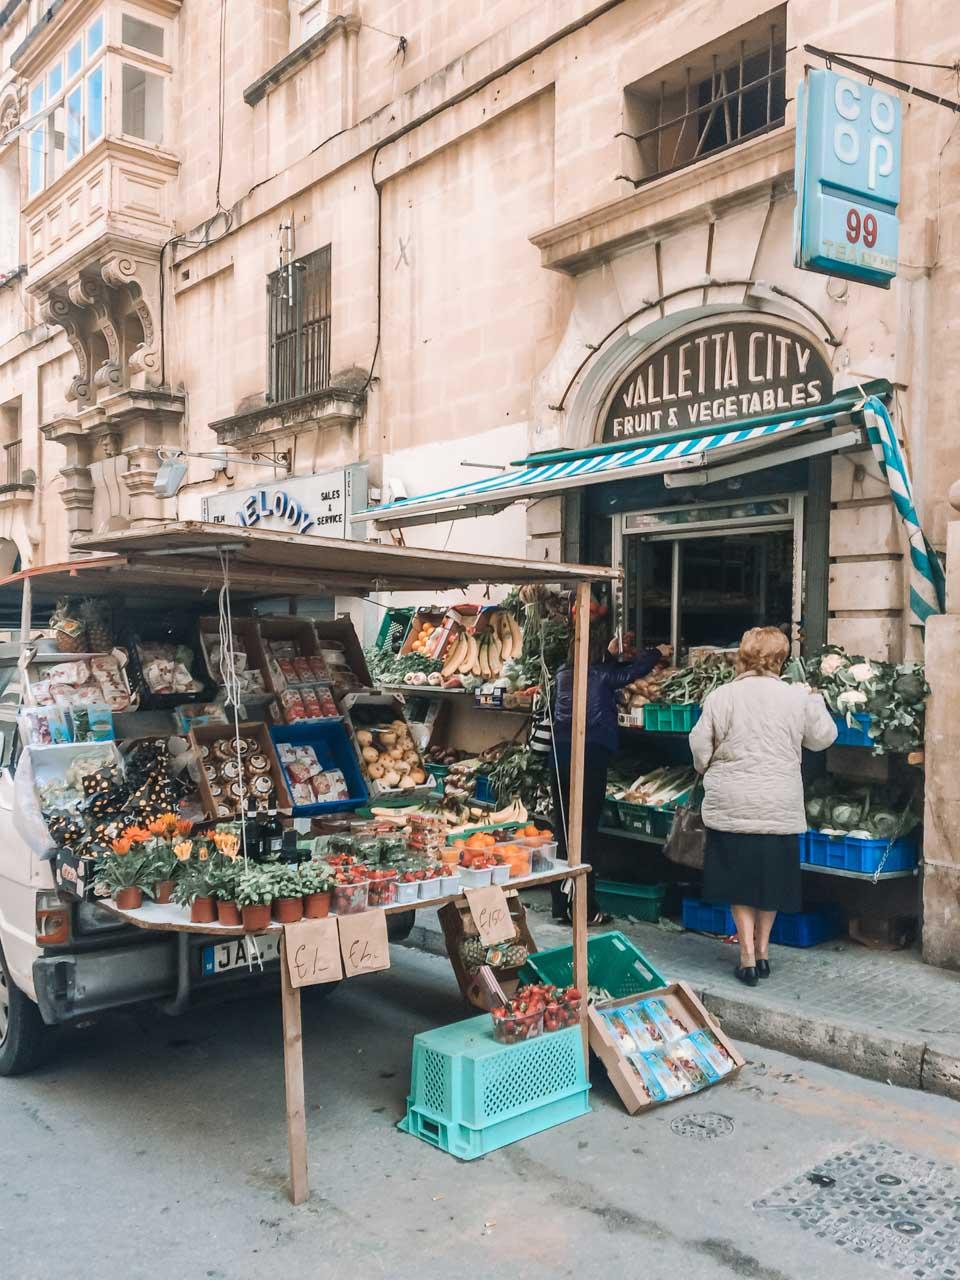 Street vendor selling fresh fruit and vegetables in Valletta, Malta